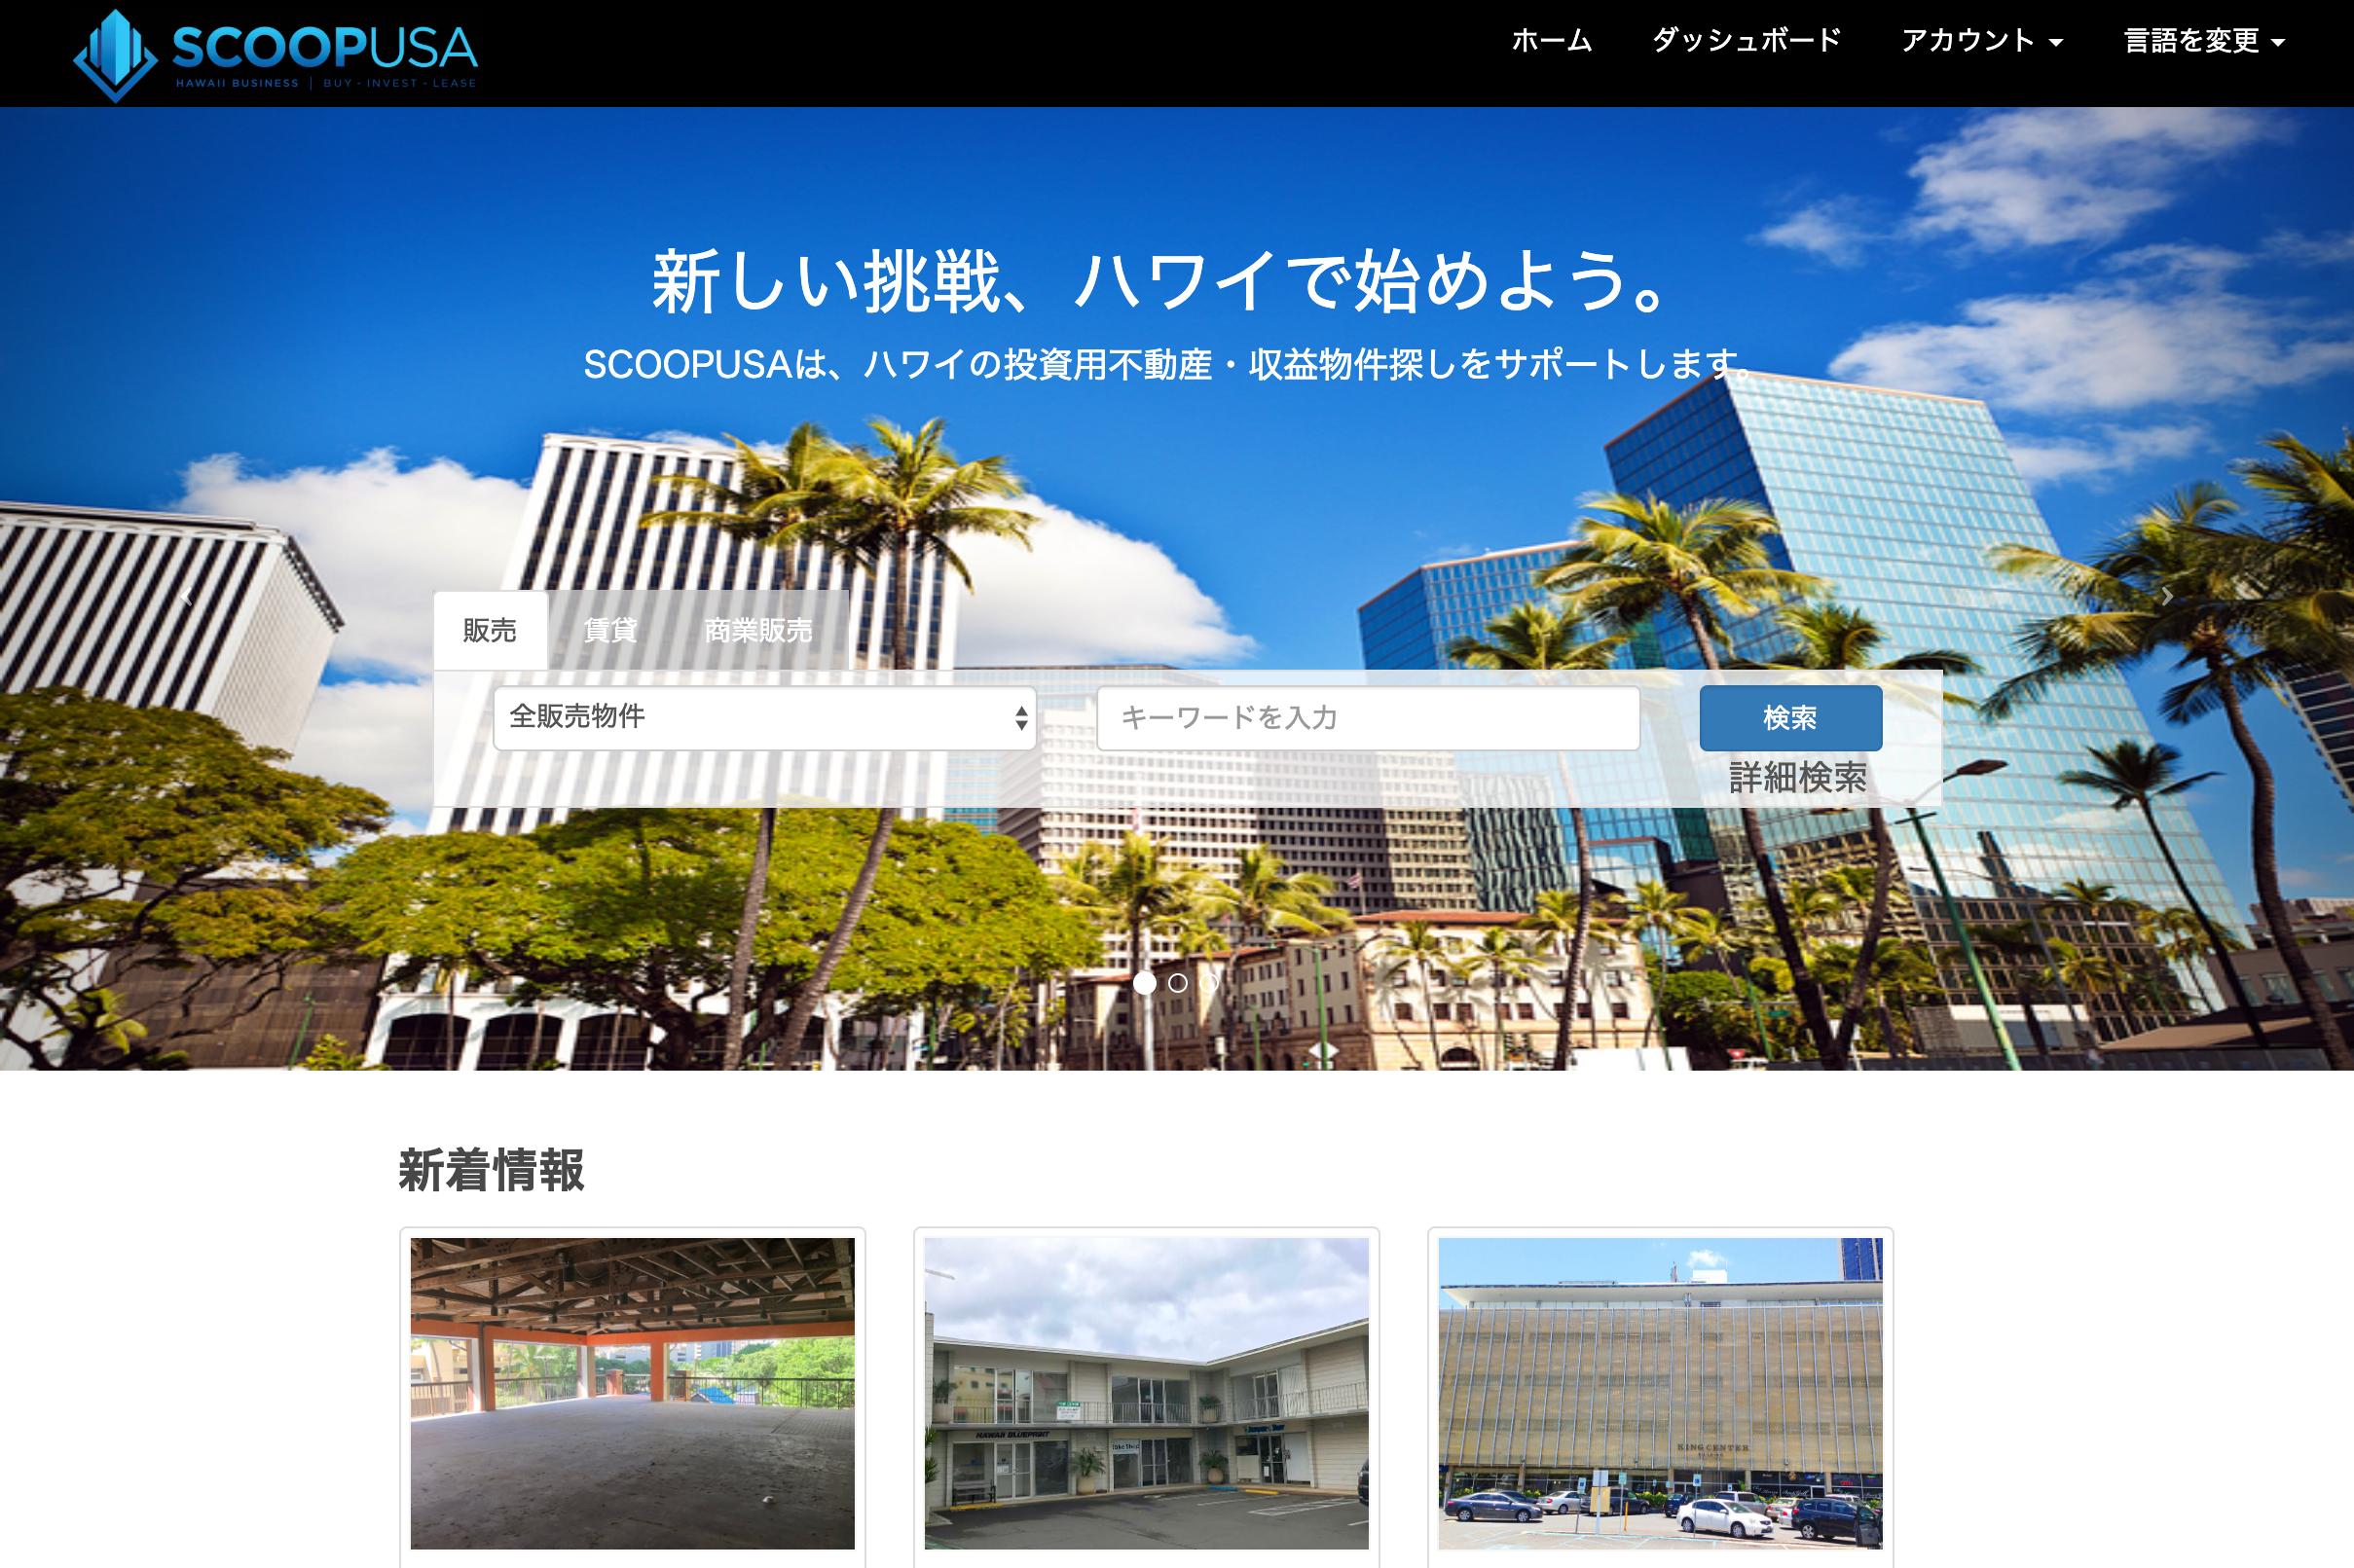 「ハワイは甘くはない」――ハワイビジネスを成功させる日本向けビジネスプラットフォームScoopUSA.com